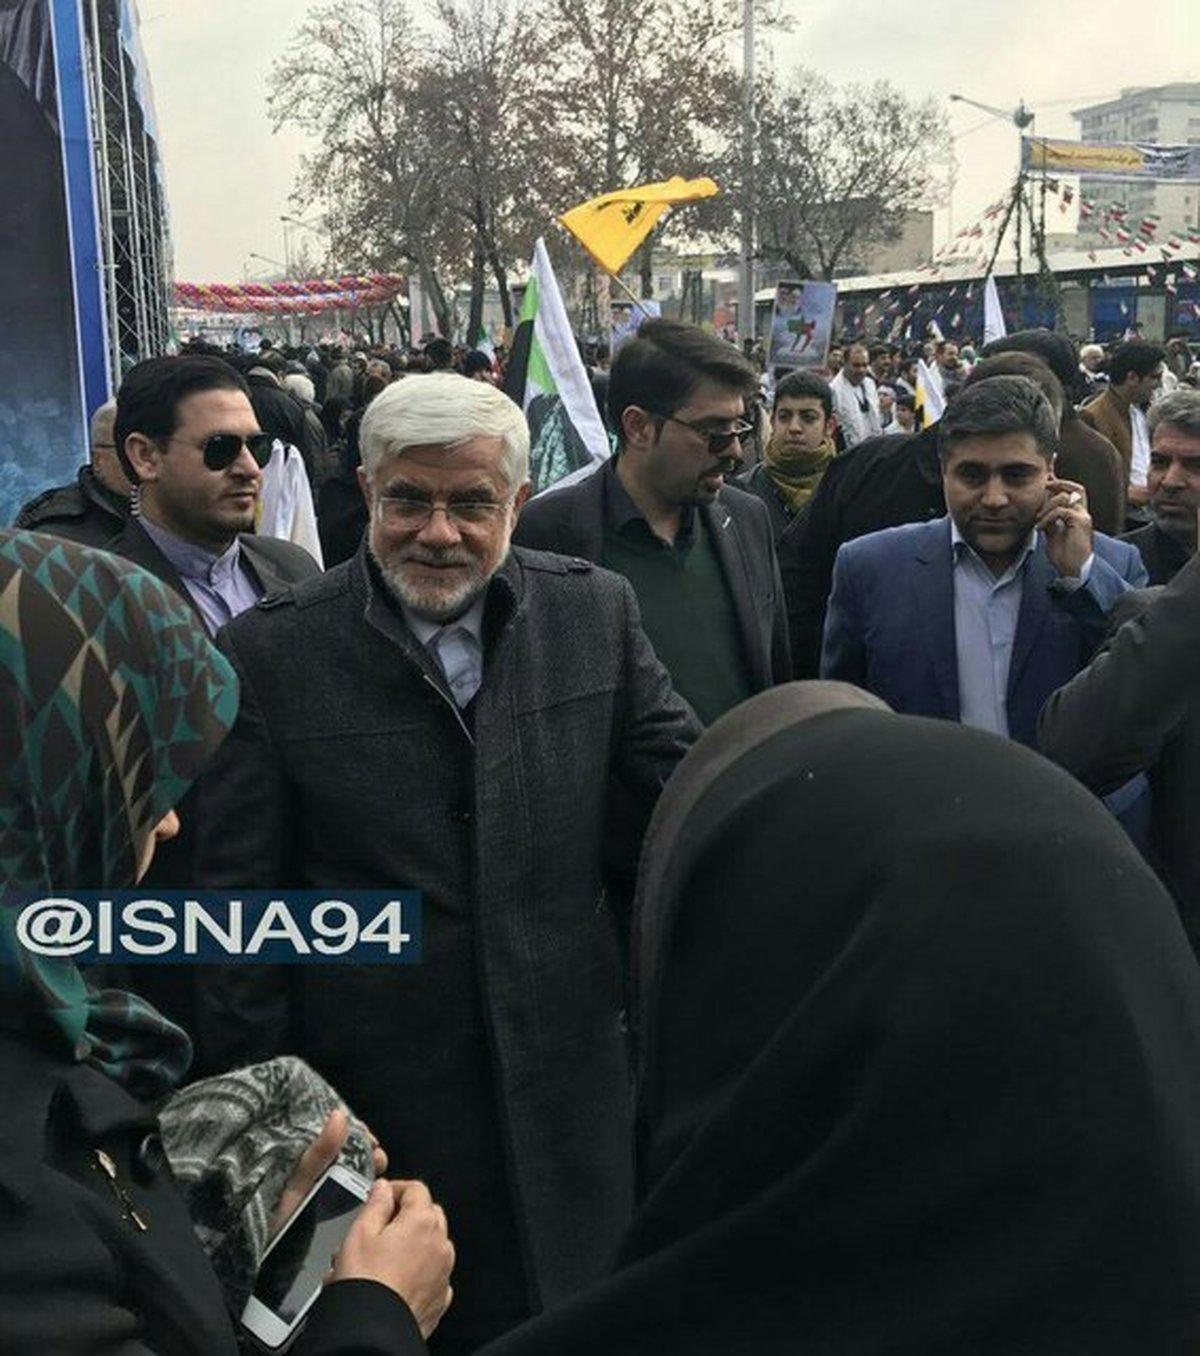 عارف خبر داد: اعلام راهبرد اصلاحطلبان برای انتخابات تا یکی دو هفته آینده